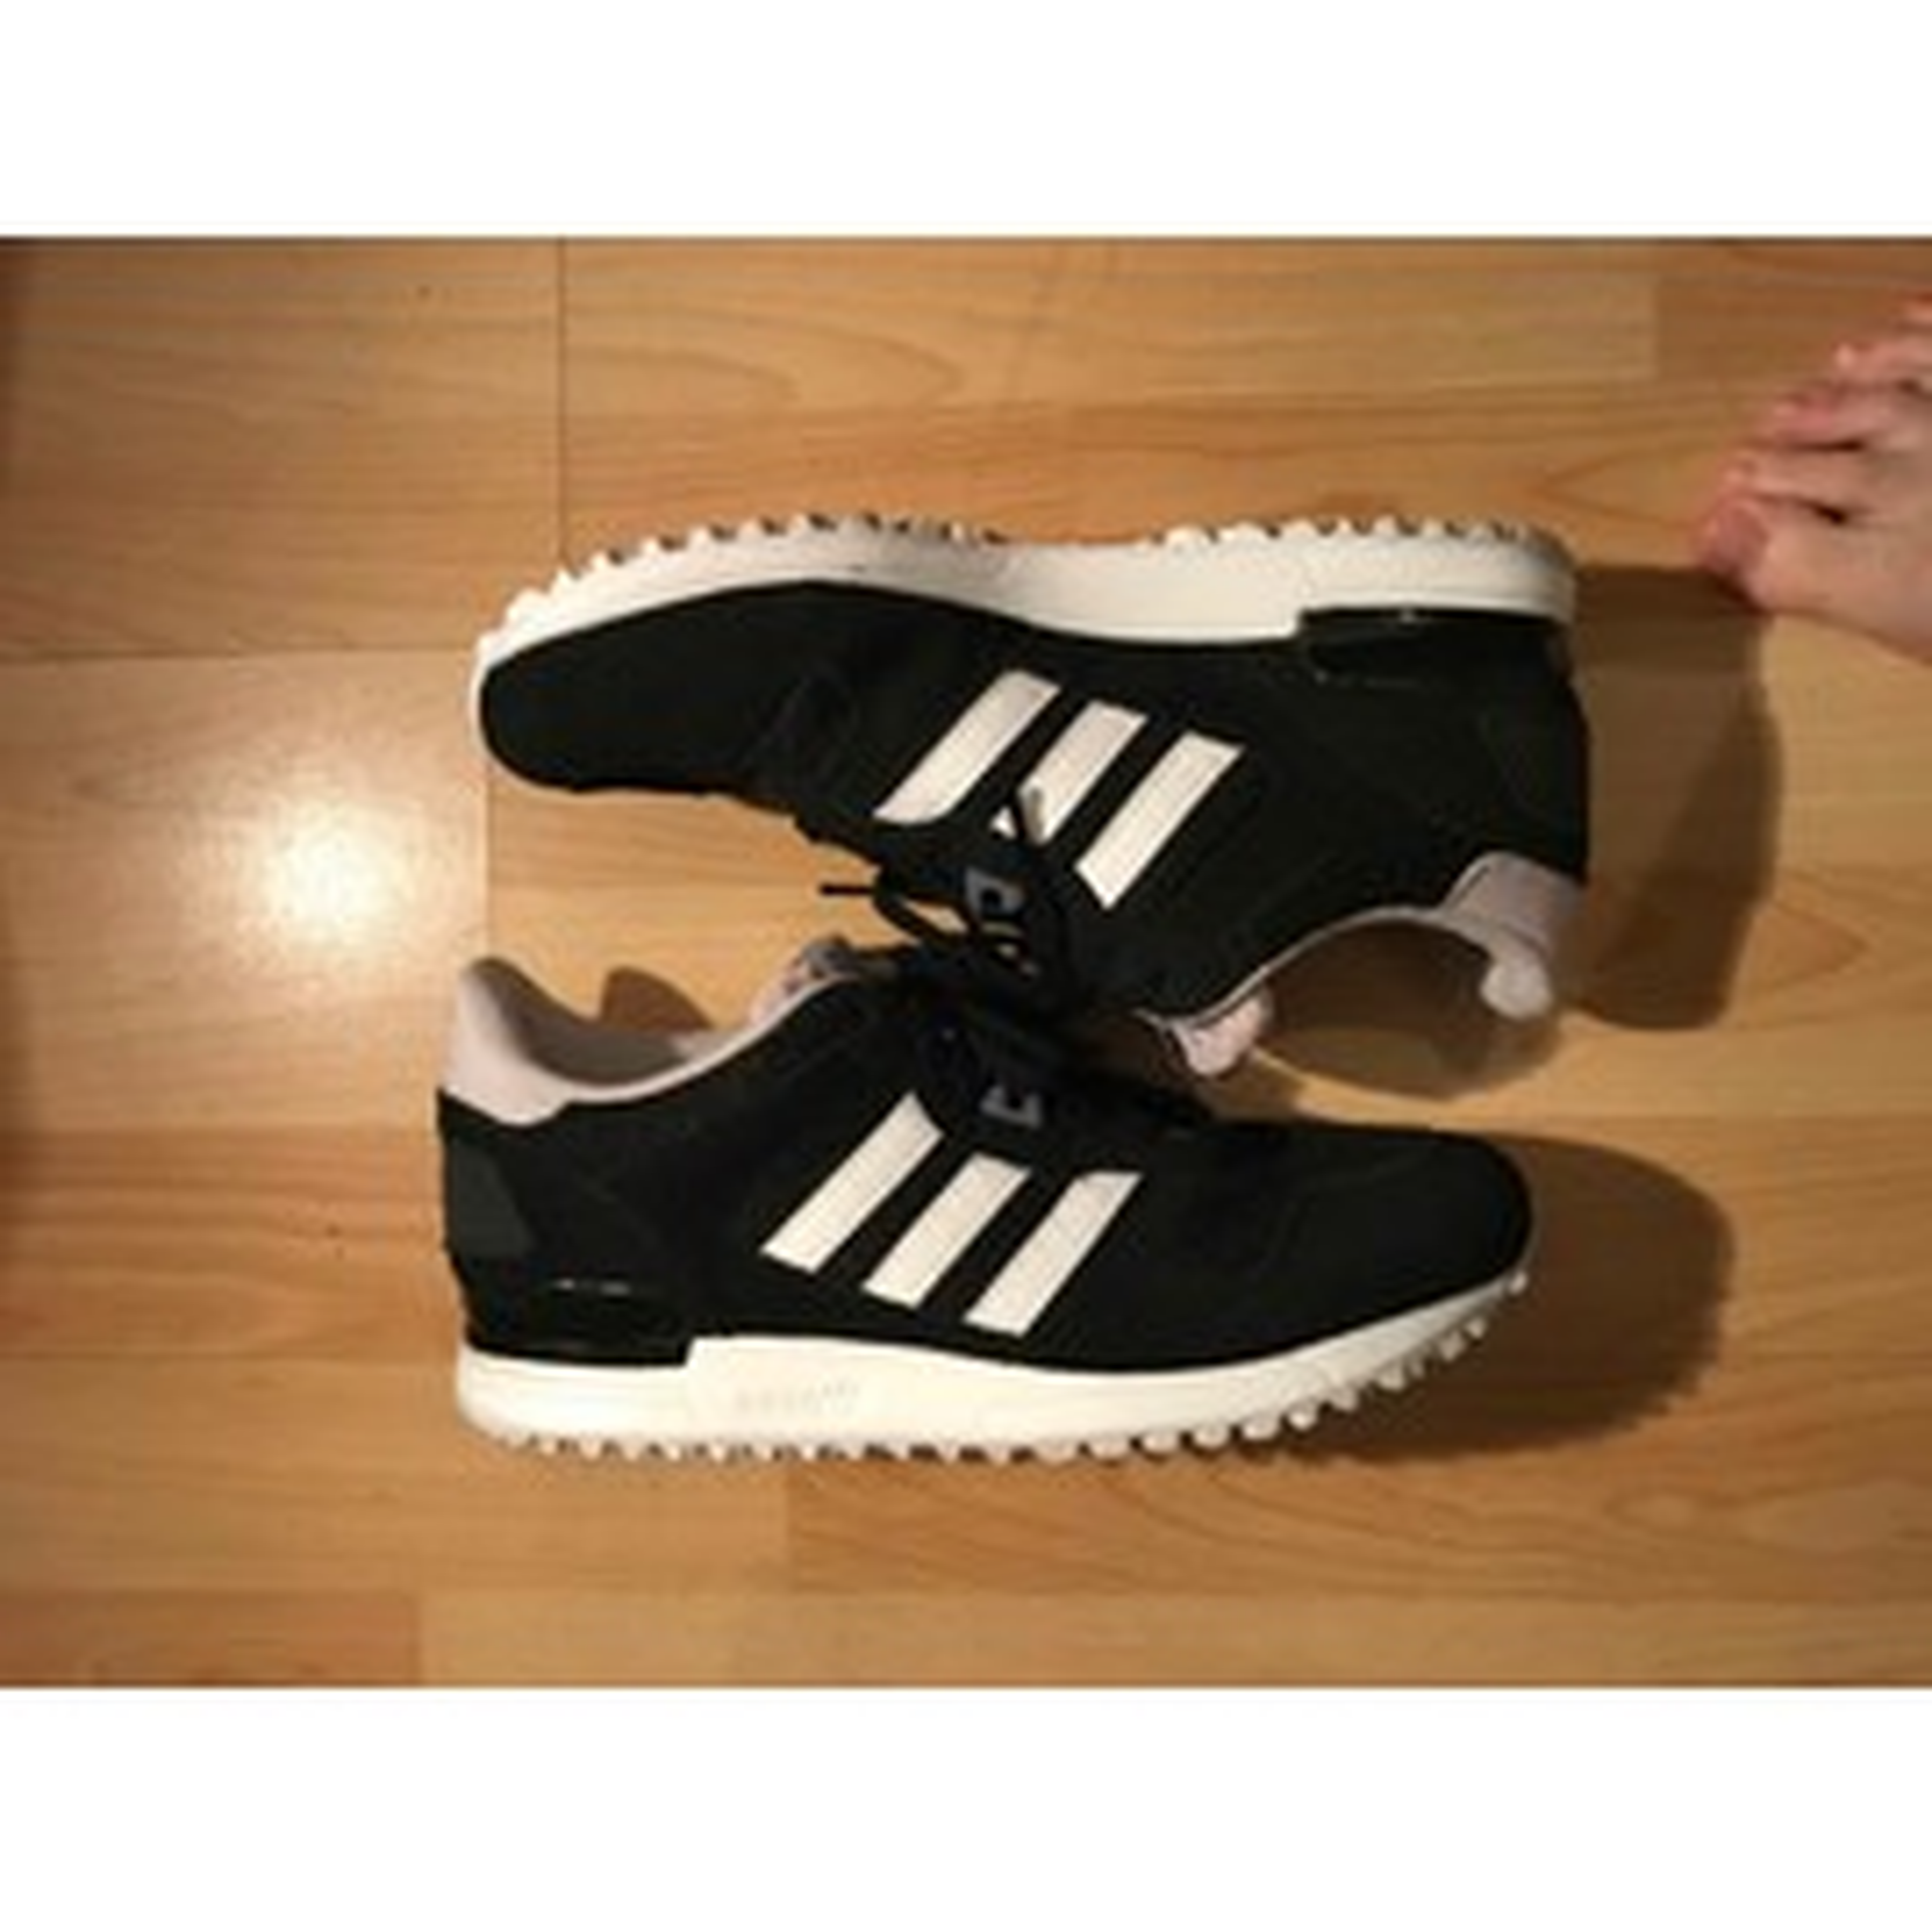 Noir Adidas Pointure Baskets Femme Chaussures 0x4d1wq 38 700 Xz KJ3lFT1c